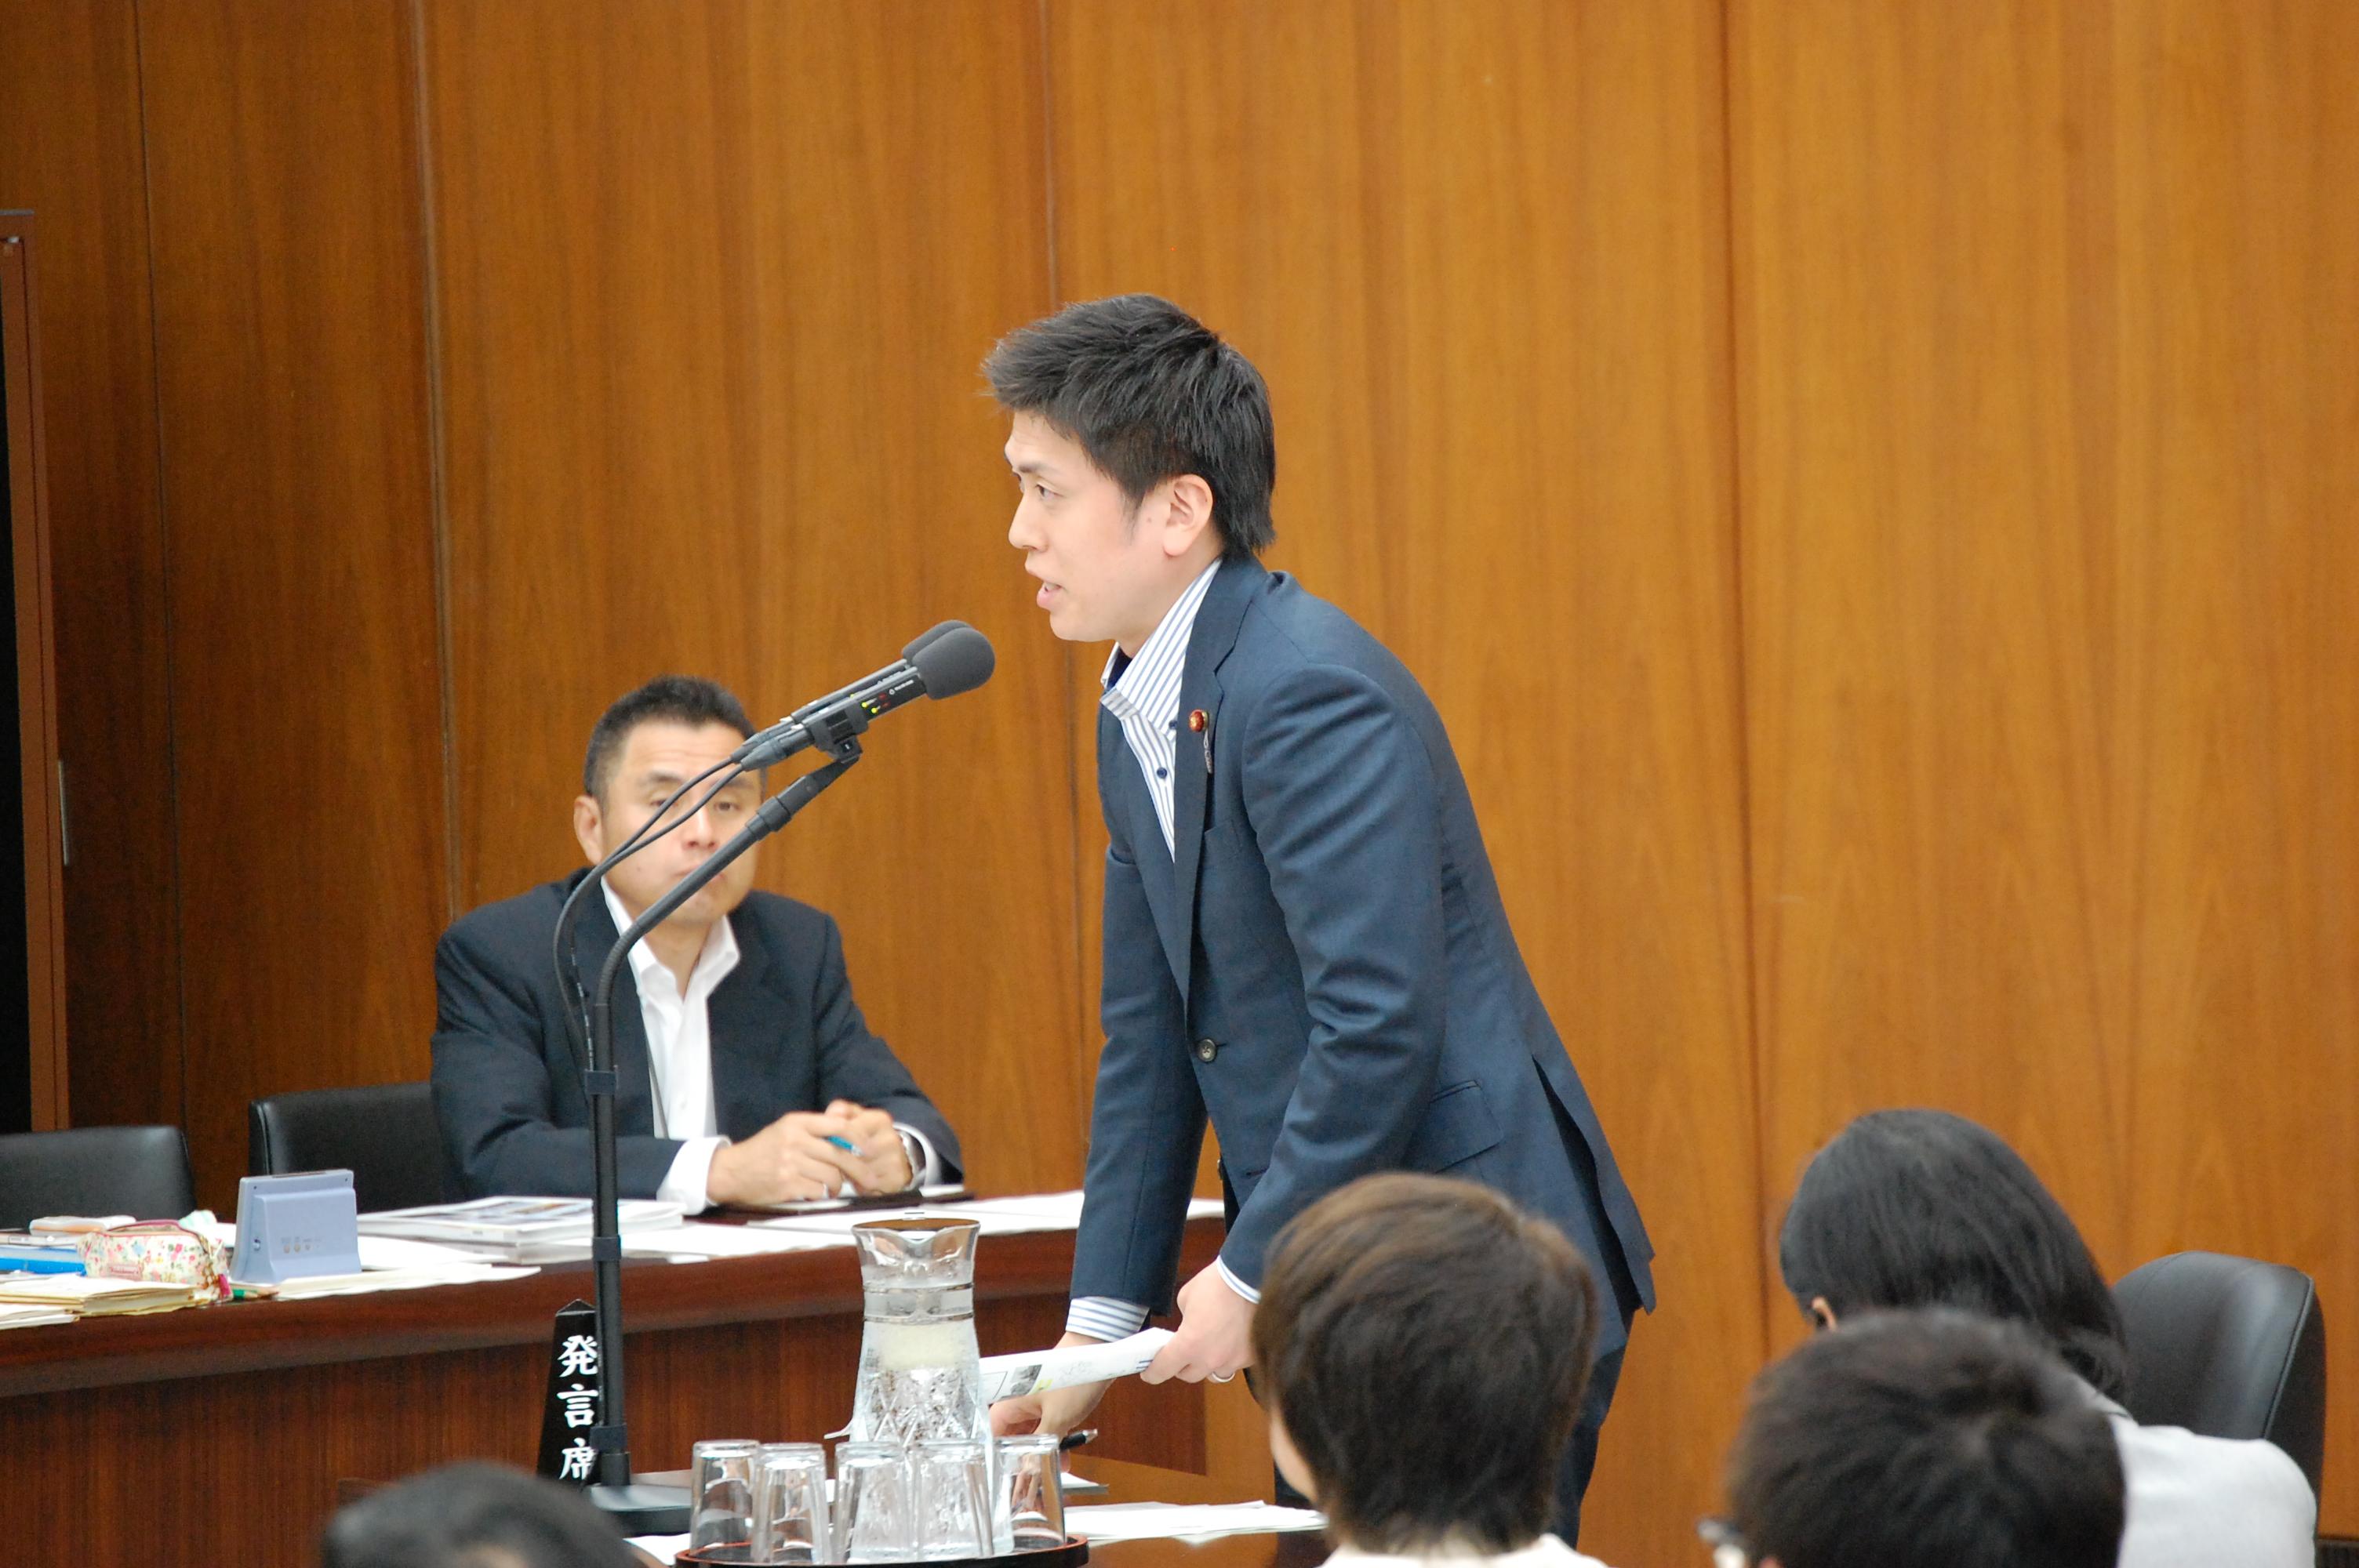 東日本大震災復興特別委員会で参考人質疑